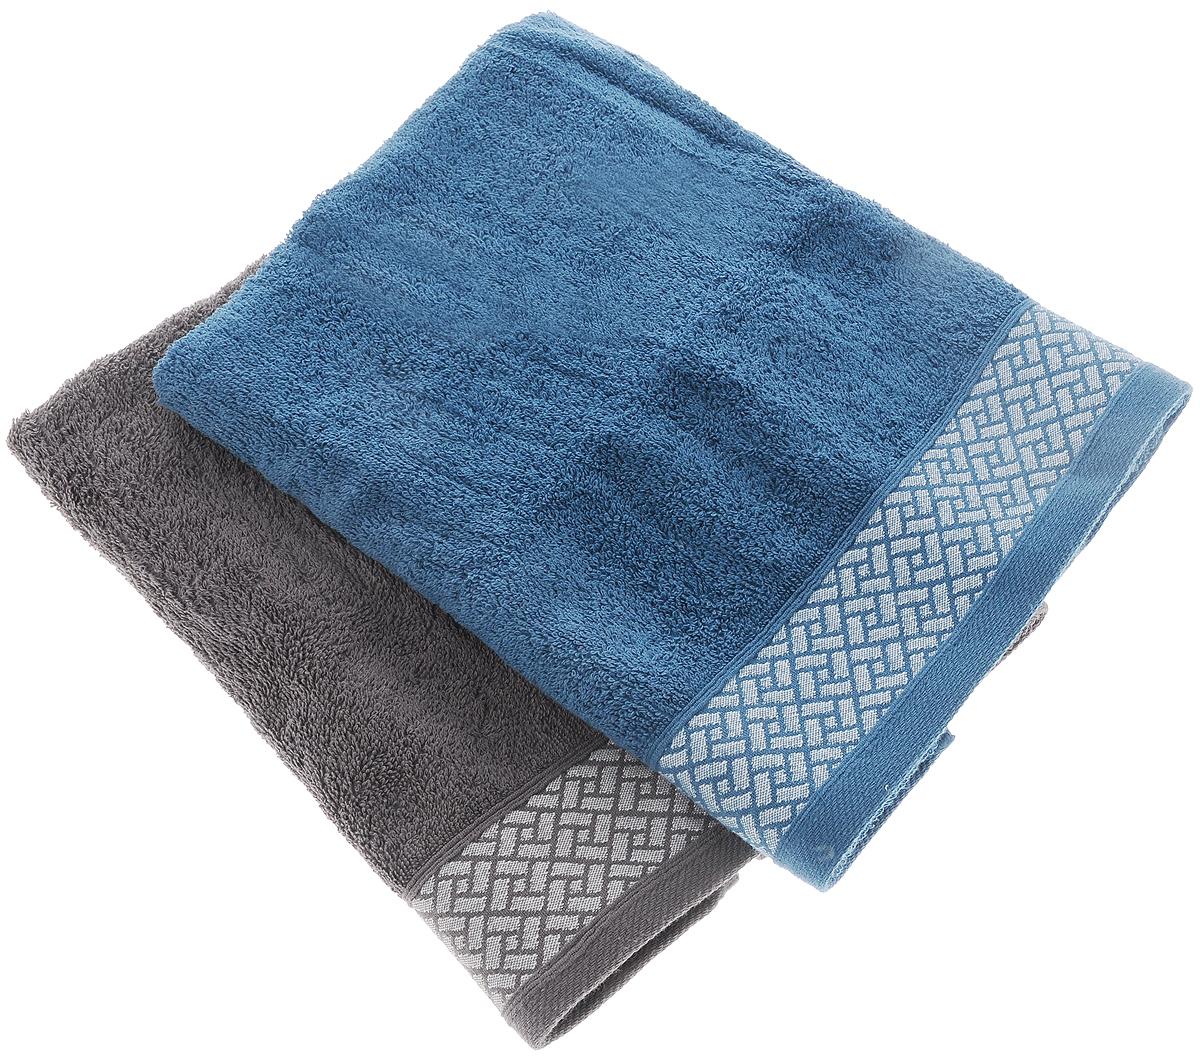 Набор полотенец Tete-a-Tete Лабиринт, цвет: серый, синий, 50 х 90 см, 2 шт68/5/4Набор Tete-a-Tete Лабиринт состоит из двух махровых полотенец, выполненных из натурального 100% хлопка. Бордюр полотенец декорирован геометрическим узором. Изделия мягкие, отлично впитывают влагу, быстро сохнут, сохраняют яркость цвета и не теряют форму даже после многократных стирок. Полотенца Tete-a-Tete Лабиринт очень практичны и неприхотливы в уходе. Они легко впишутся в любой интерьер благодаря своей нежной цветовой гамме. Набор упакован в красивую коробку и может послужить отличной идеей подарка.Размер полотенец: 50 х 90 см.